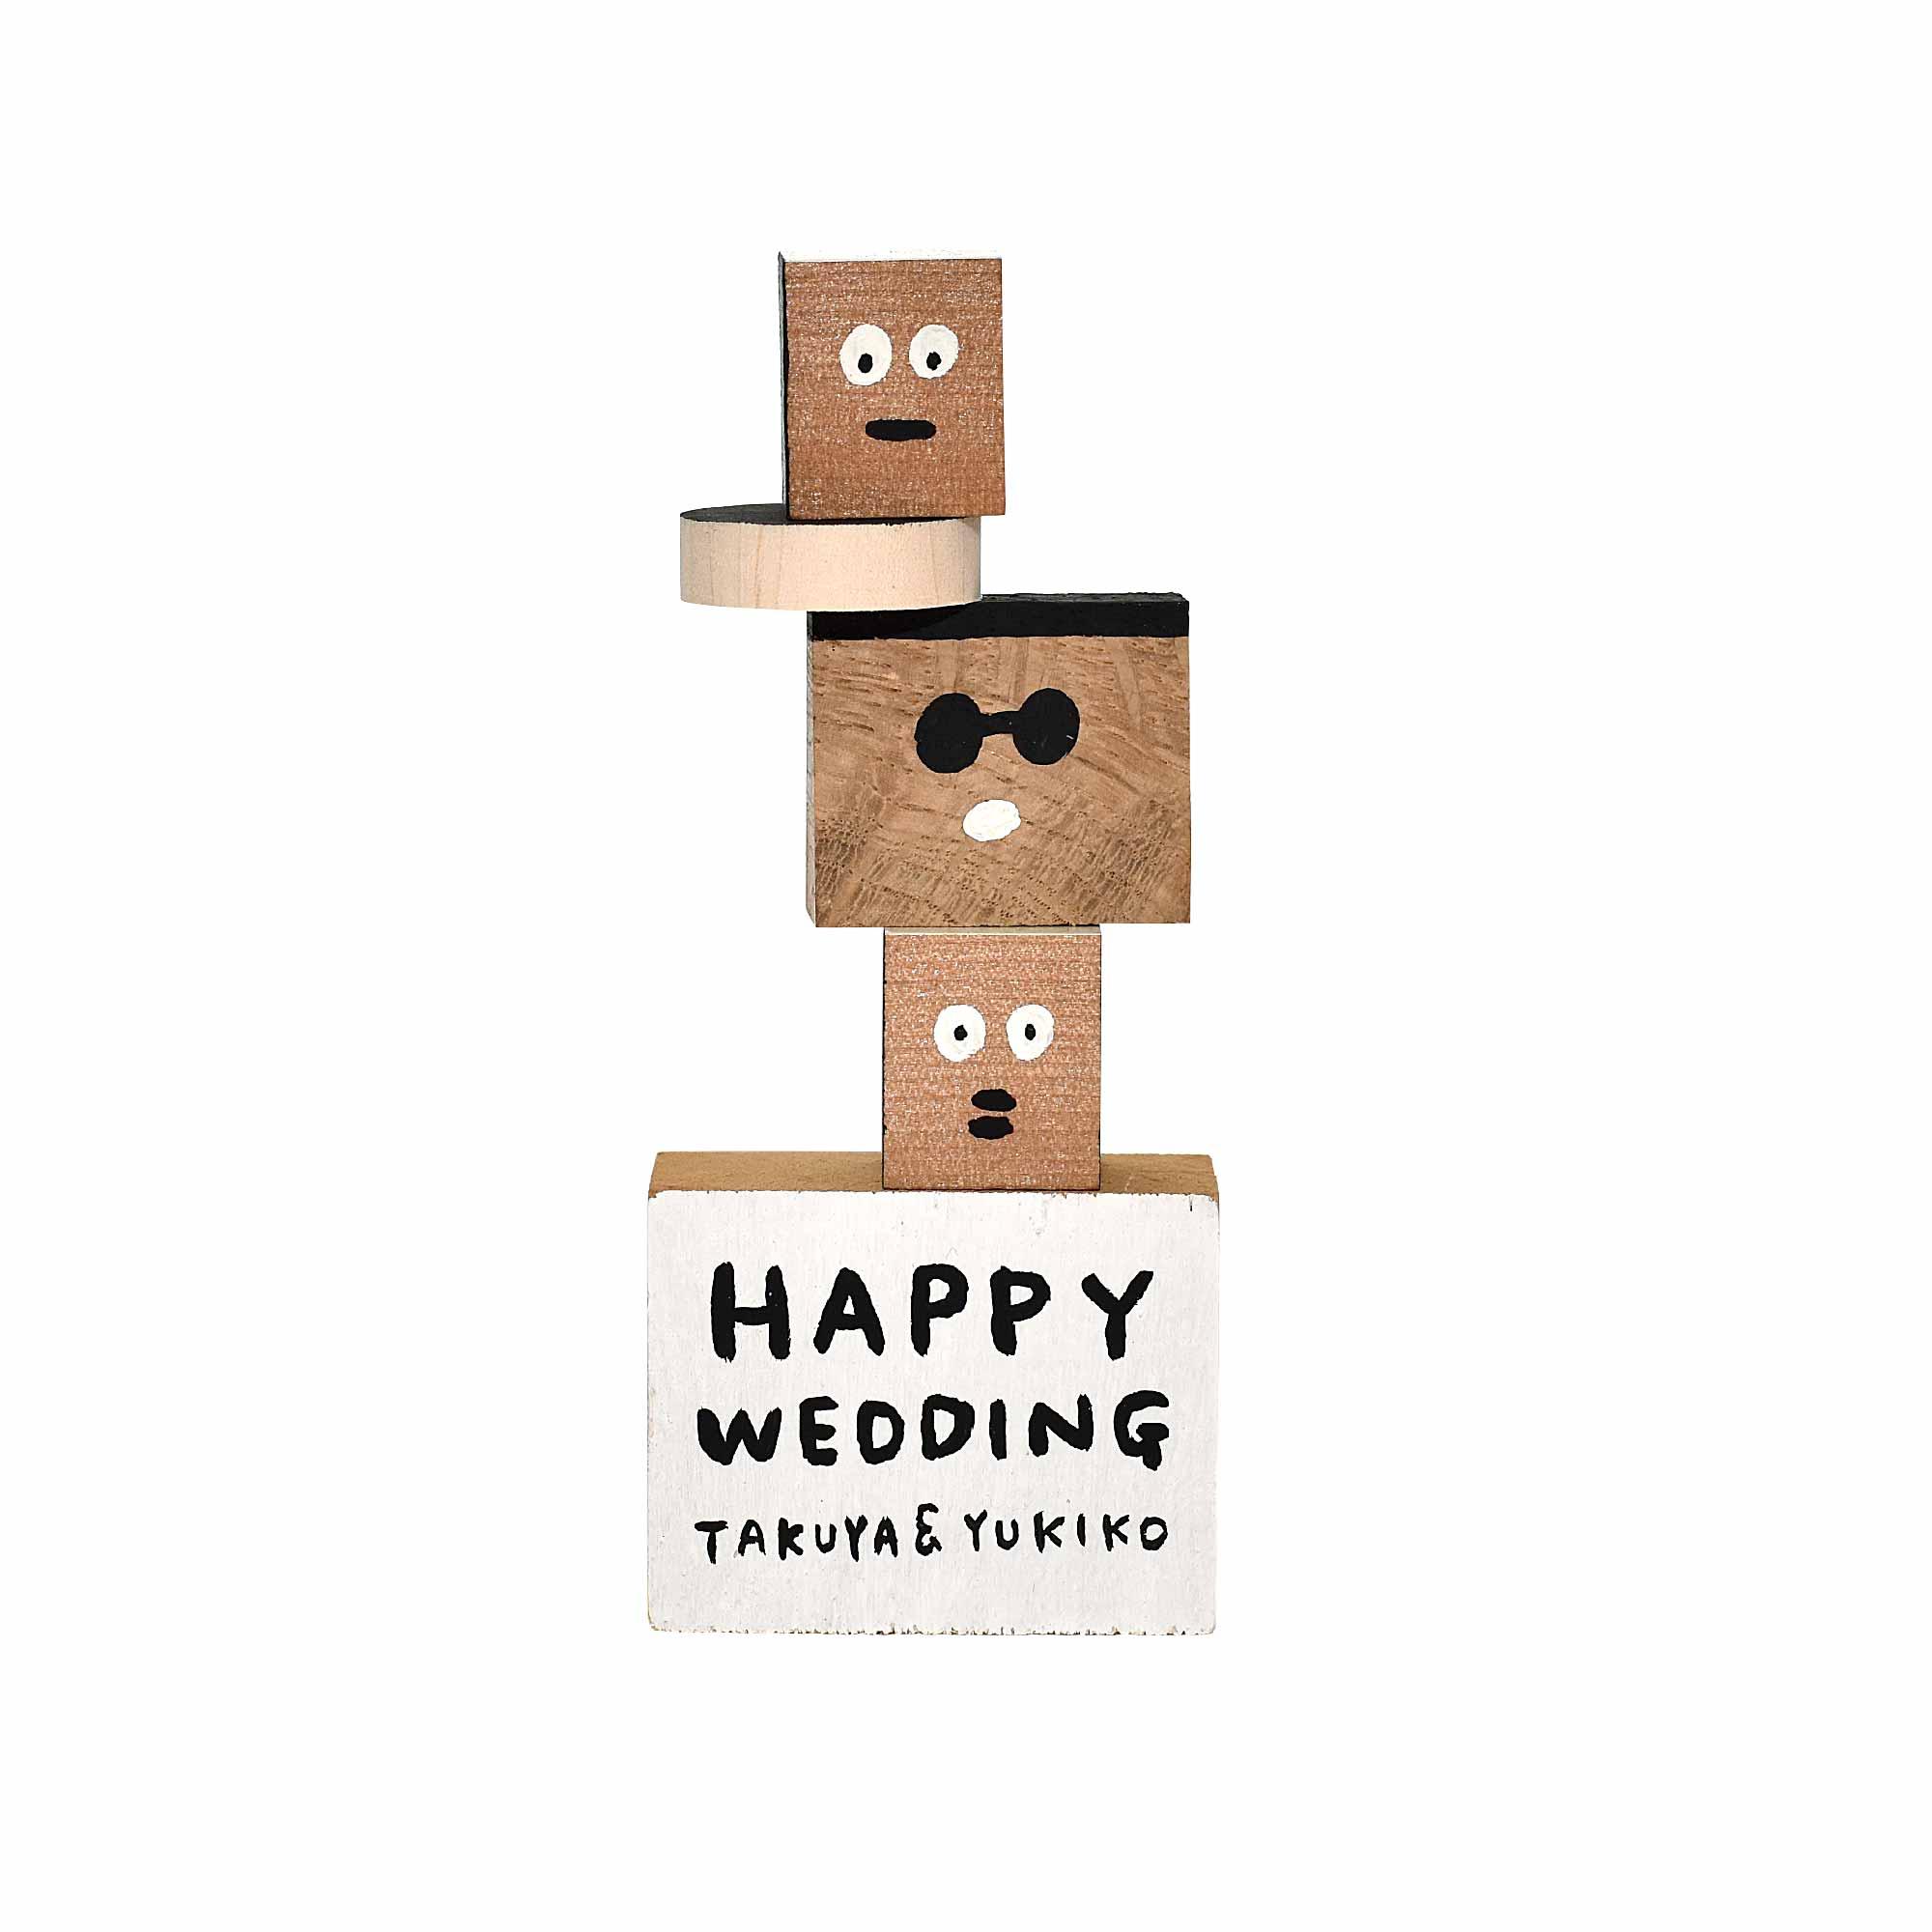 結婚式ディスプレイ会場装飾積み木